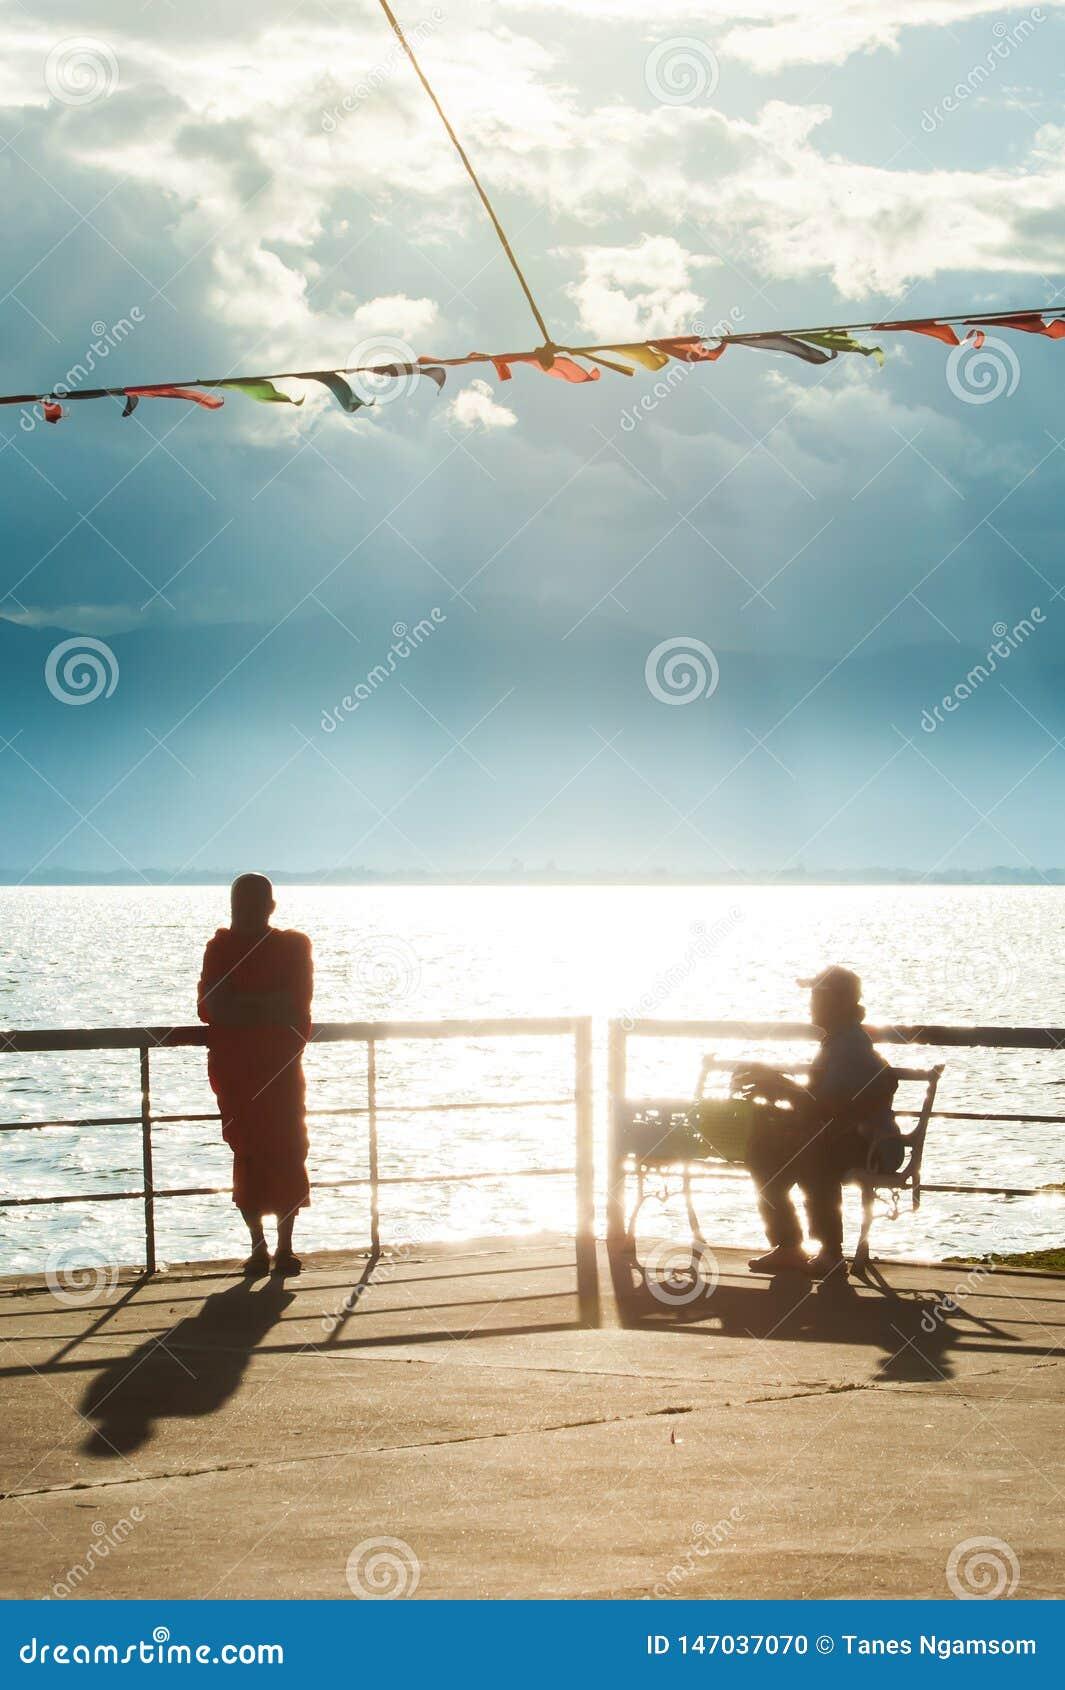 Sch?ne Sommerzeit, ruhiges szenisches des Seeufers an der D?mmerung, buddhistische M?nche und Leute, die im Sonnenunterganglicht,